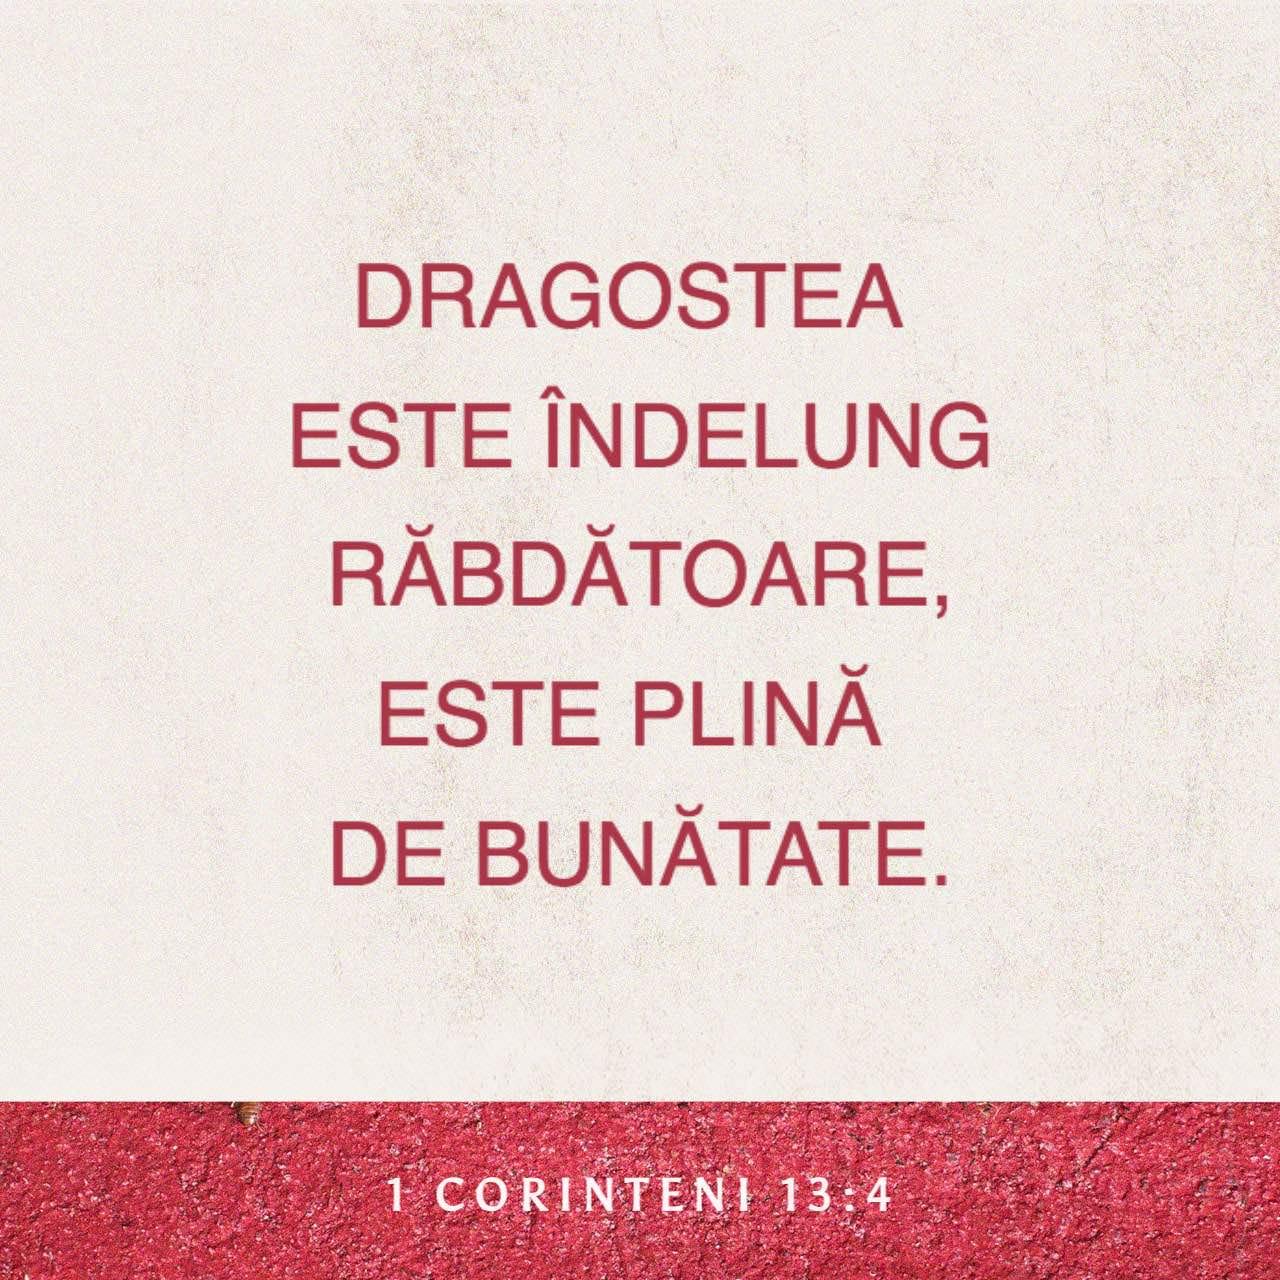 Dragostea este răbdătoare, dragostea este plină de bunătate - 1 Corinteni 13:4 - Verset ilustrat